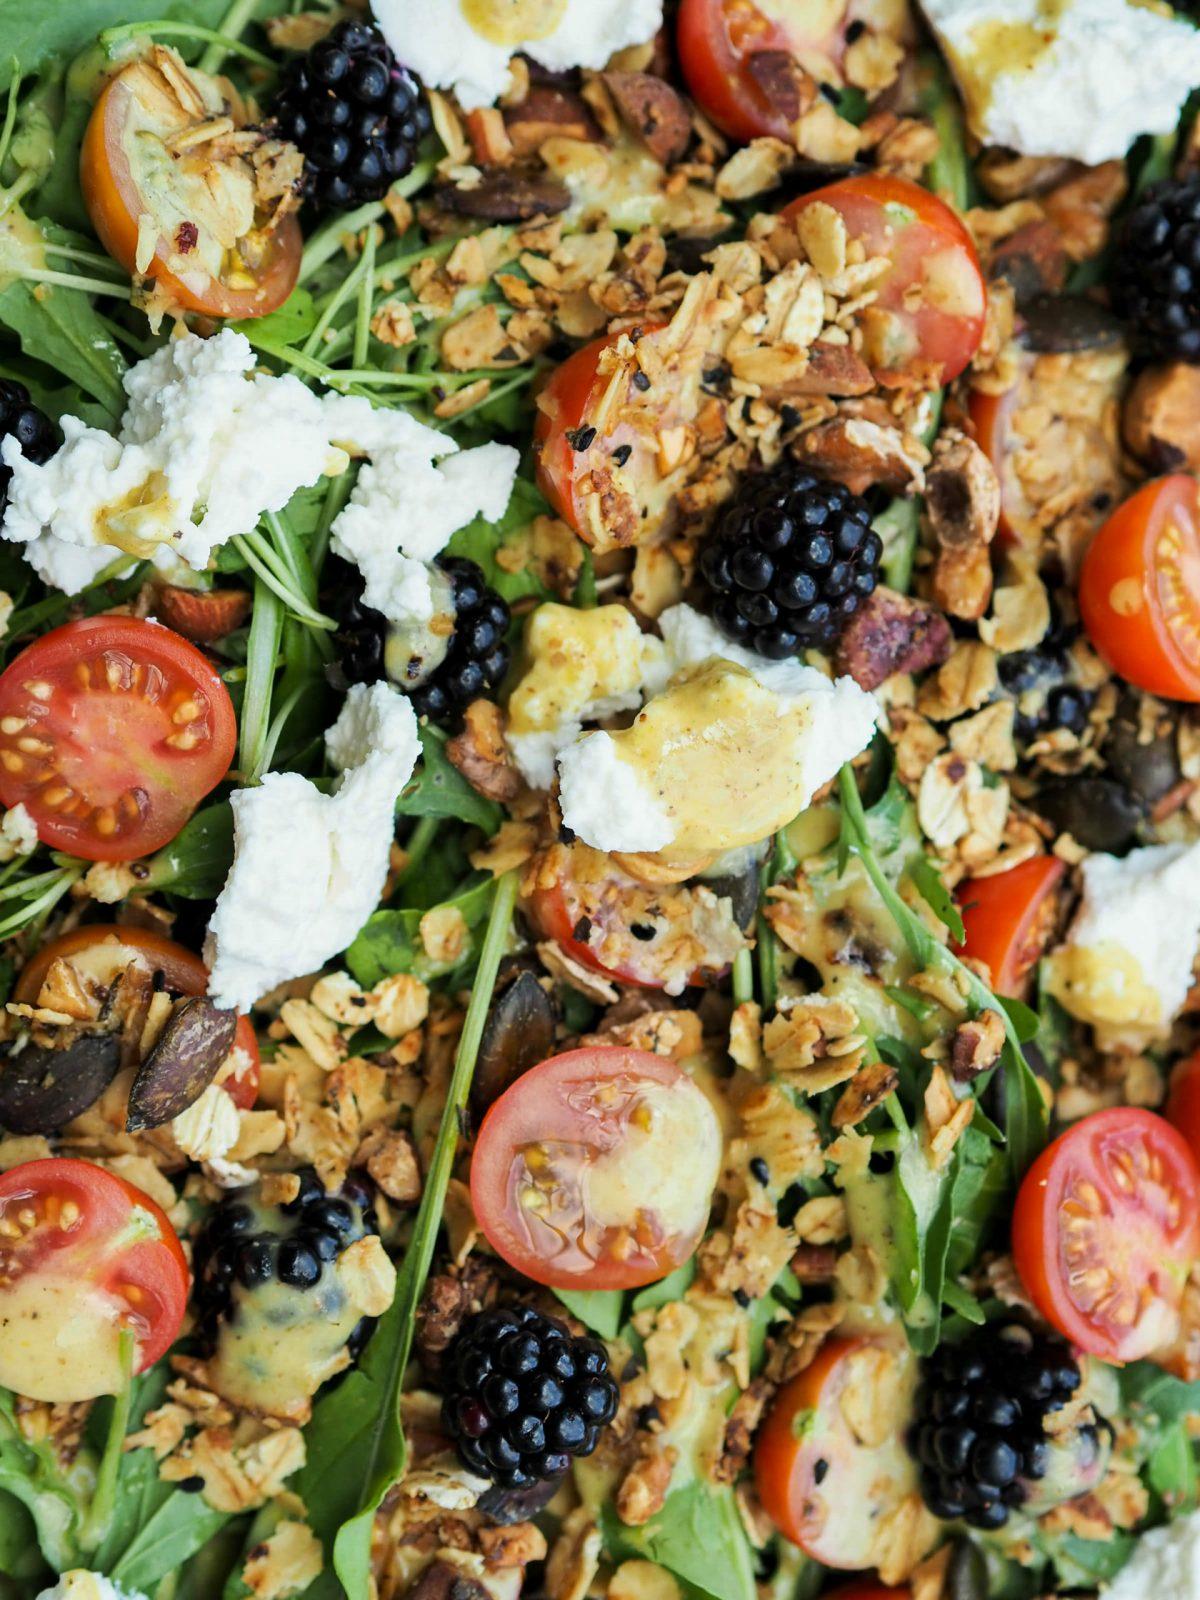 Herbstsalat |salziges Granola |Brombeeren |Tomaten